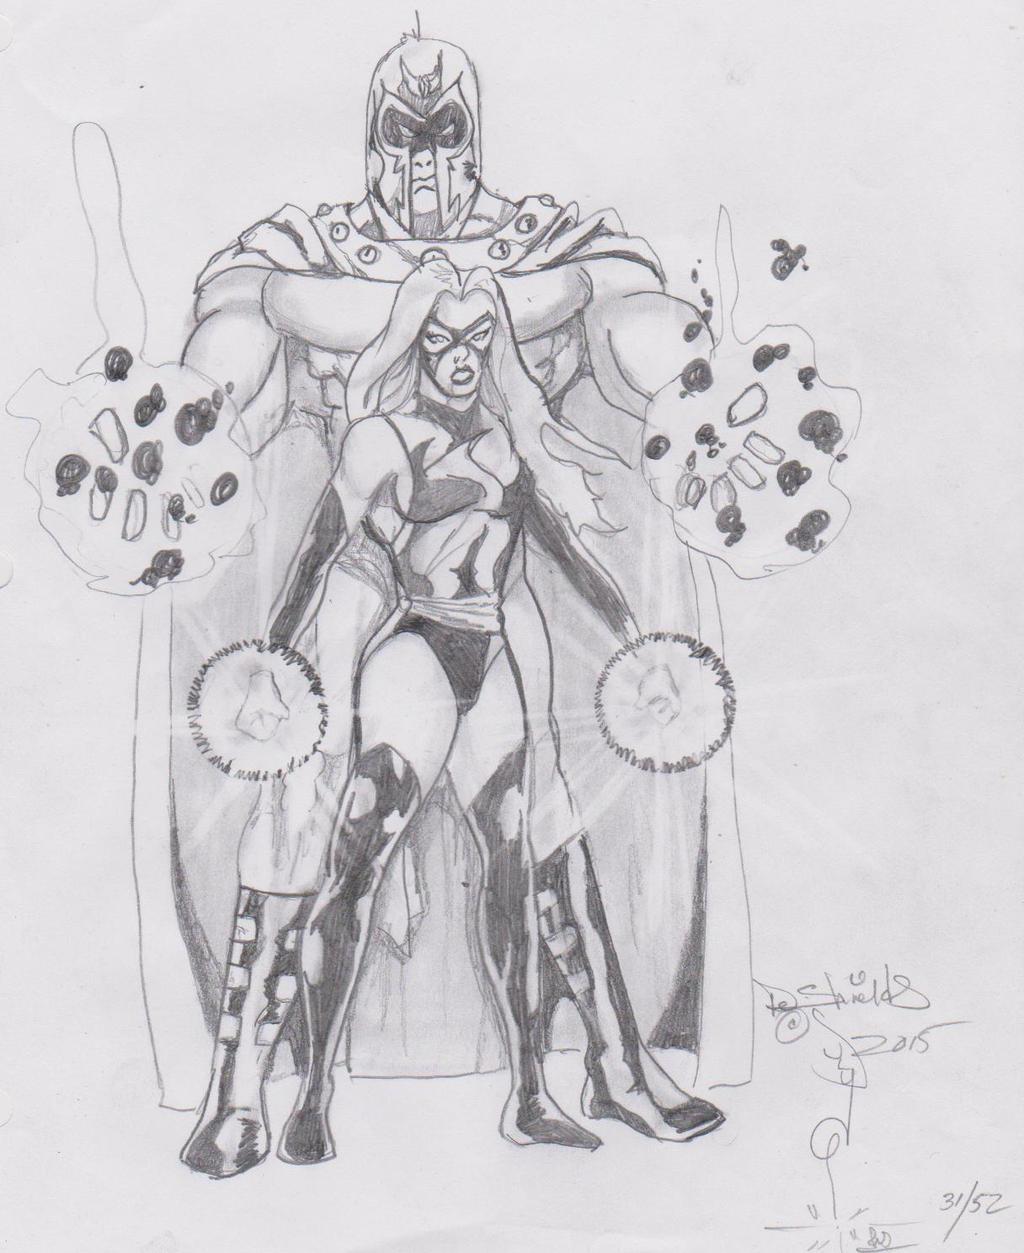 Magneto Ms.Marvel by charlesdeshields9167